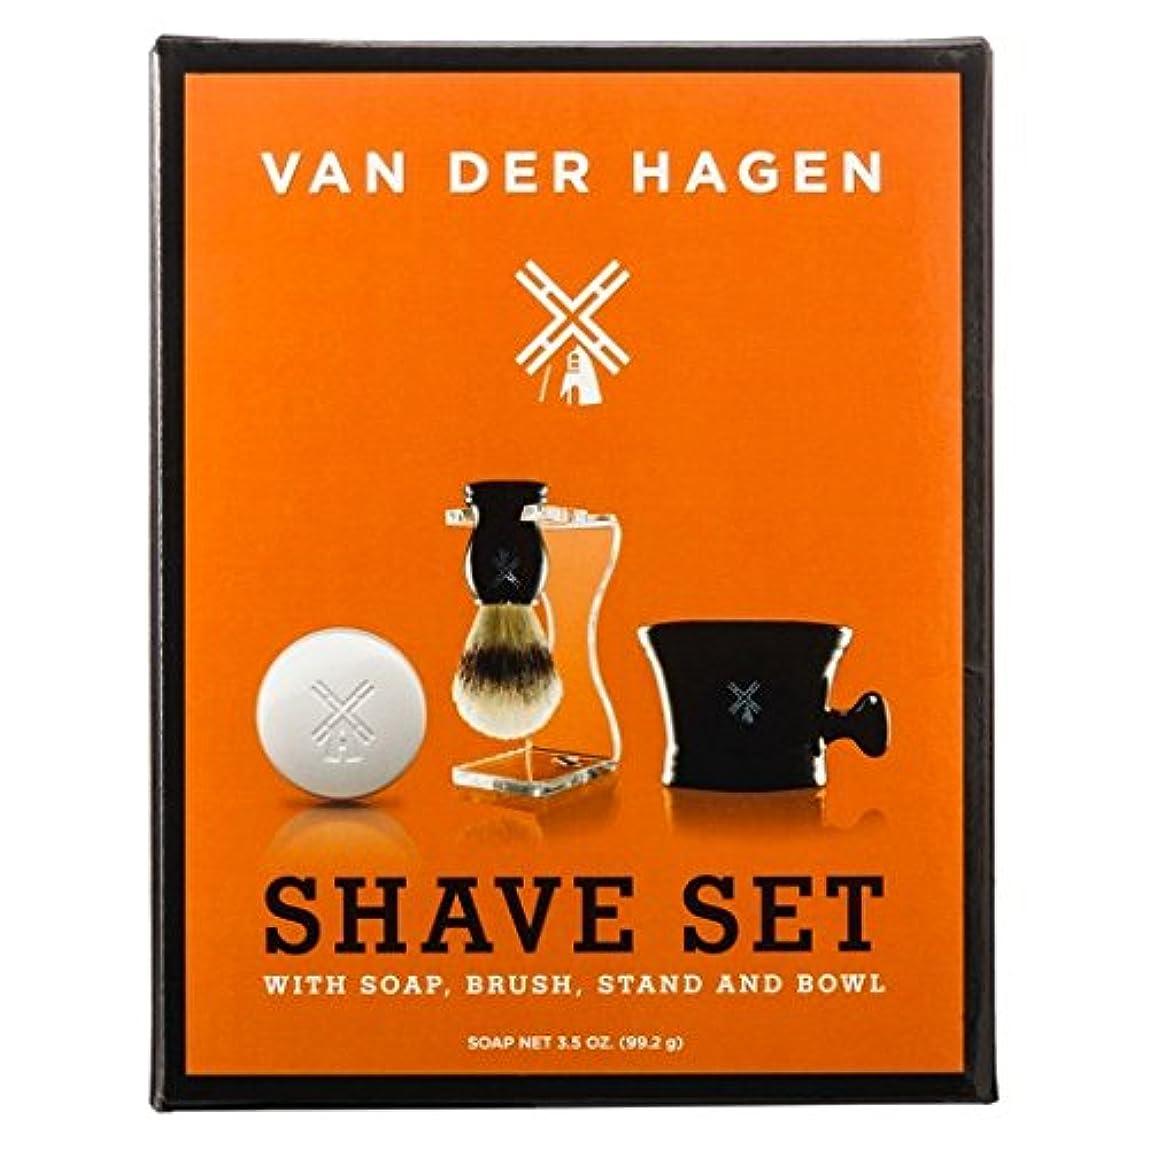 引き出し電話をかける採用するVan der Hagen Premium 4 Piece Shave Set ファンデルハーゲンプレミアム4ピースシェーブセット [並行輸入品]